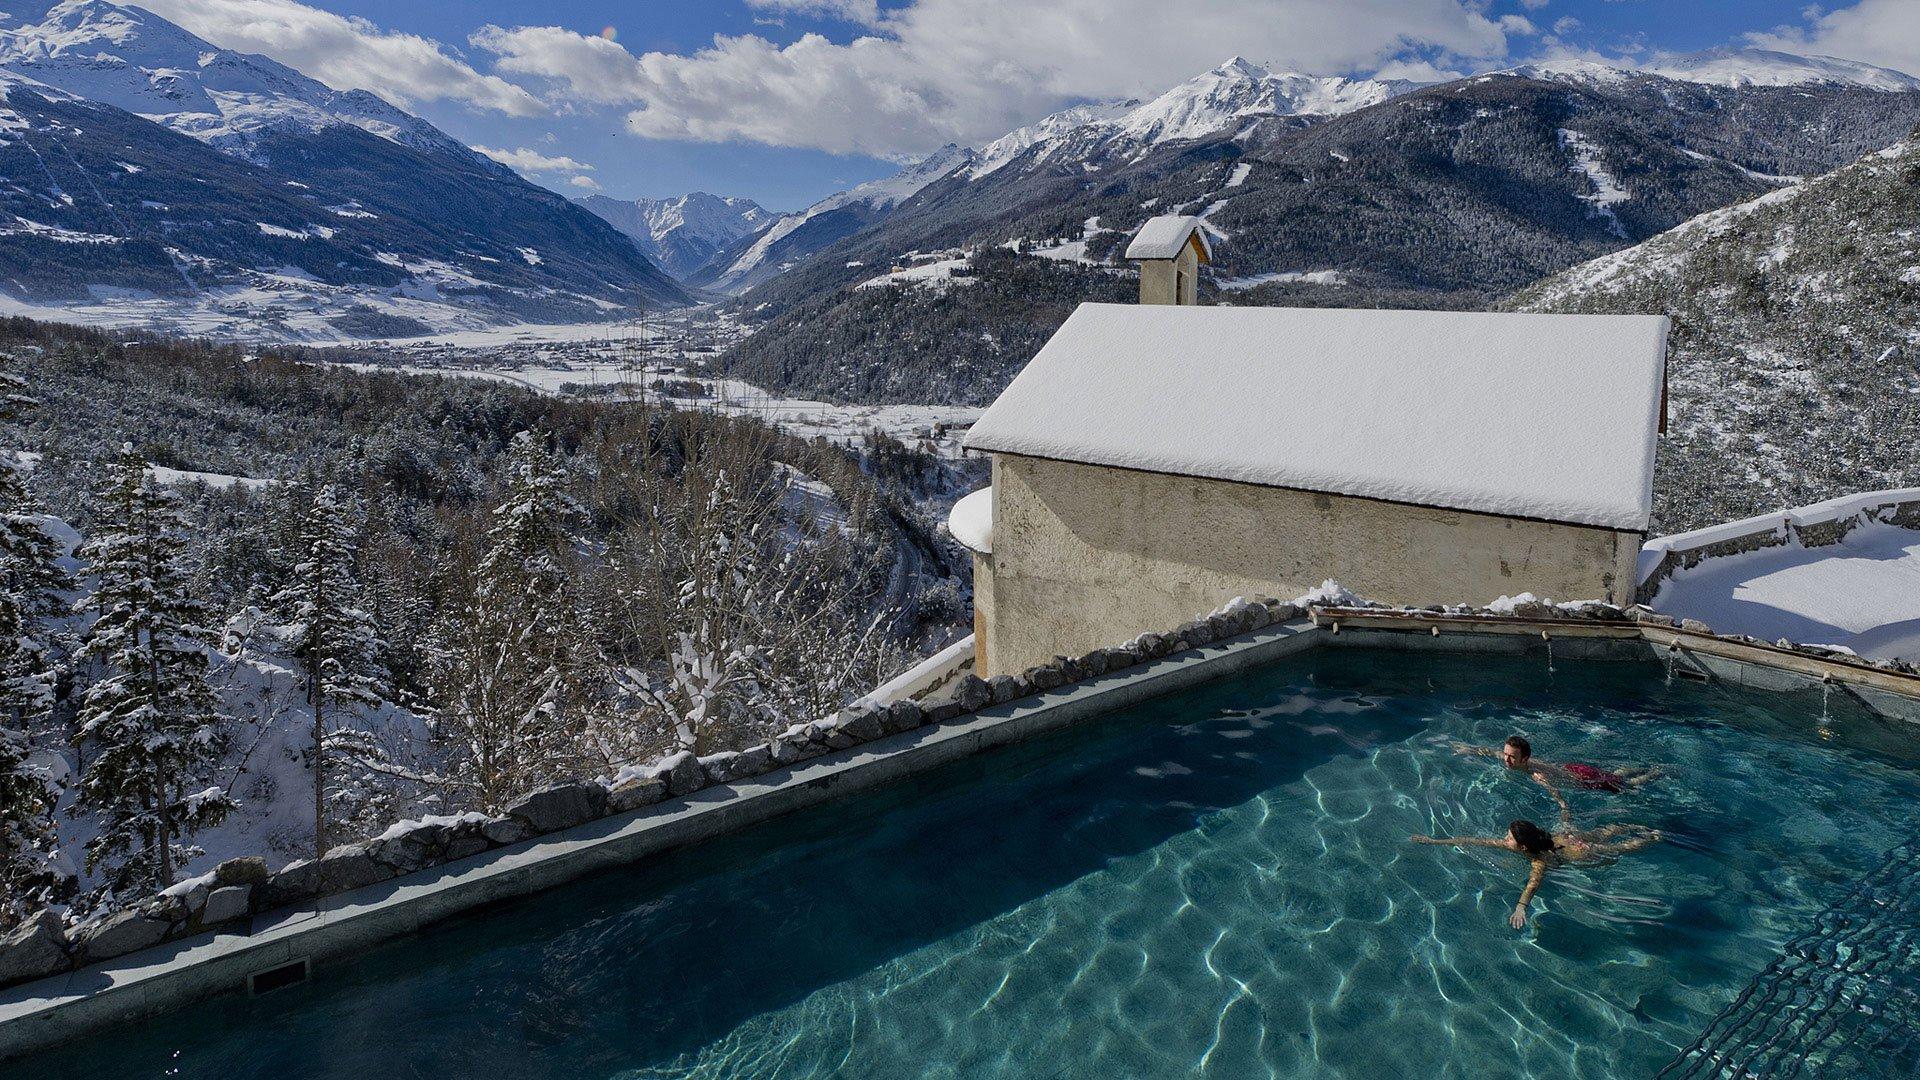 Qc terme bagni vecchi vasca all aperto 1 chalet la rugiada - Bormio bagni vecchi indirizzo ...